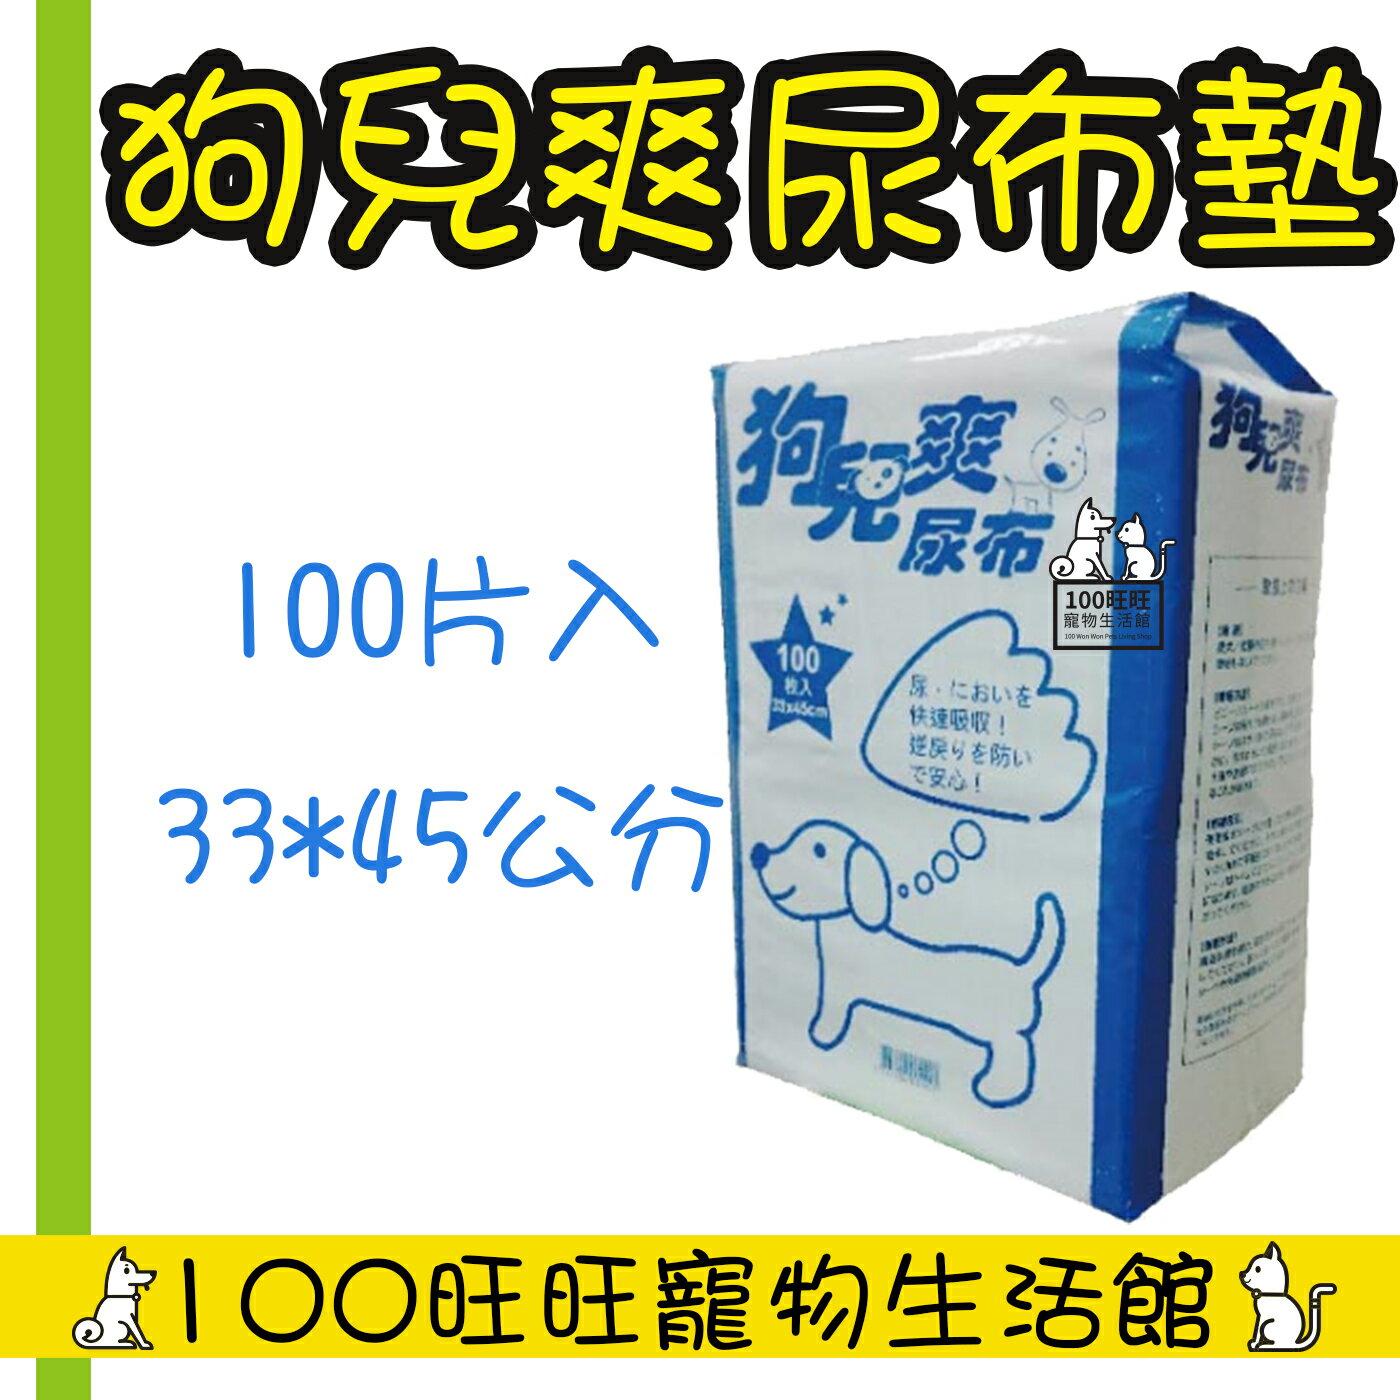 狗兒爽 尿布墊 33X45 [S] 100枚入